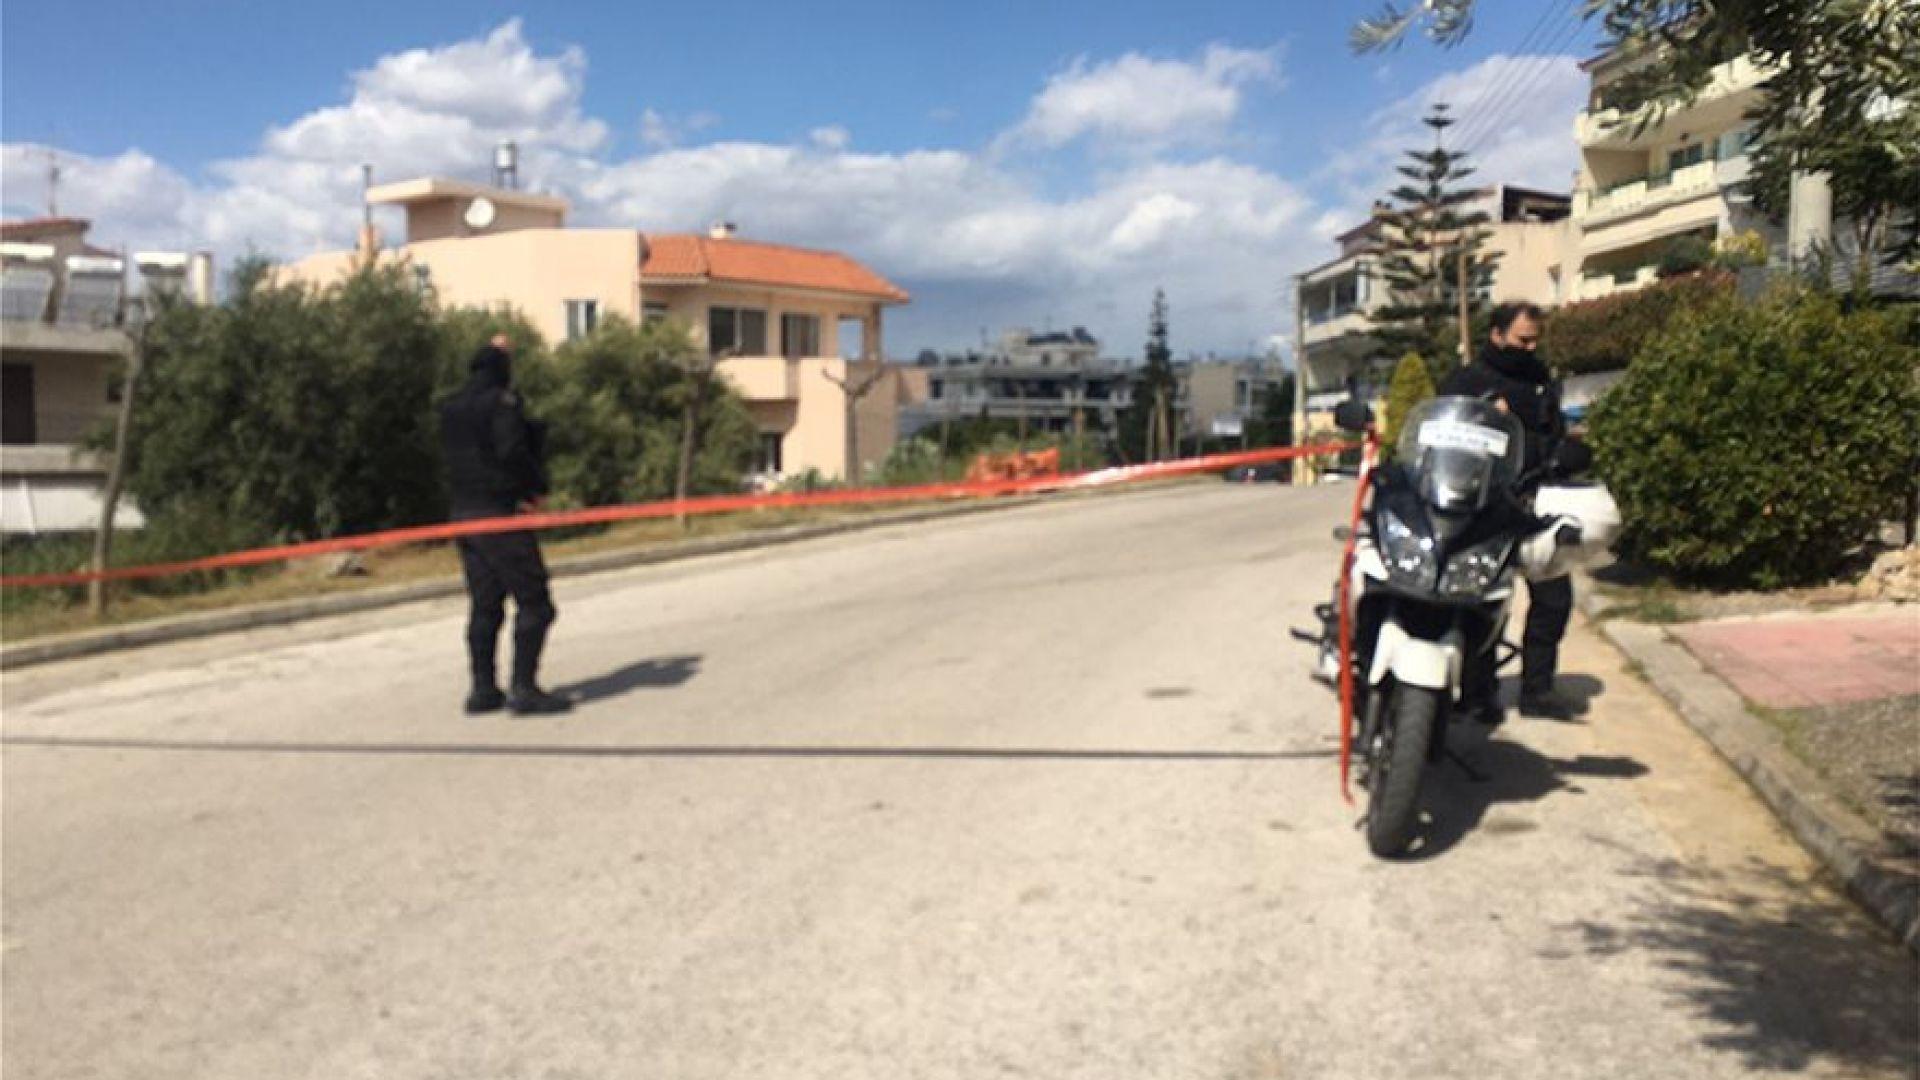 Застреляха известен гръцки журналист в Атина (видео)